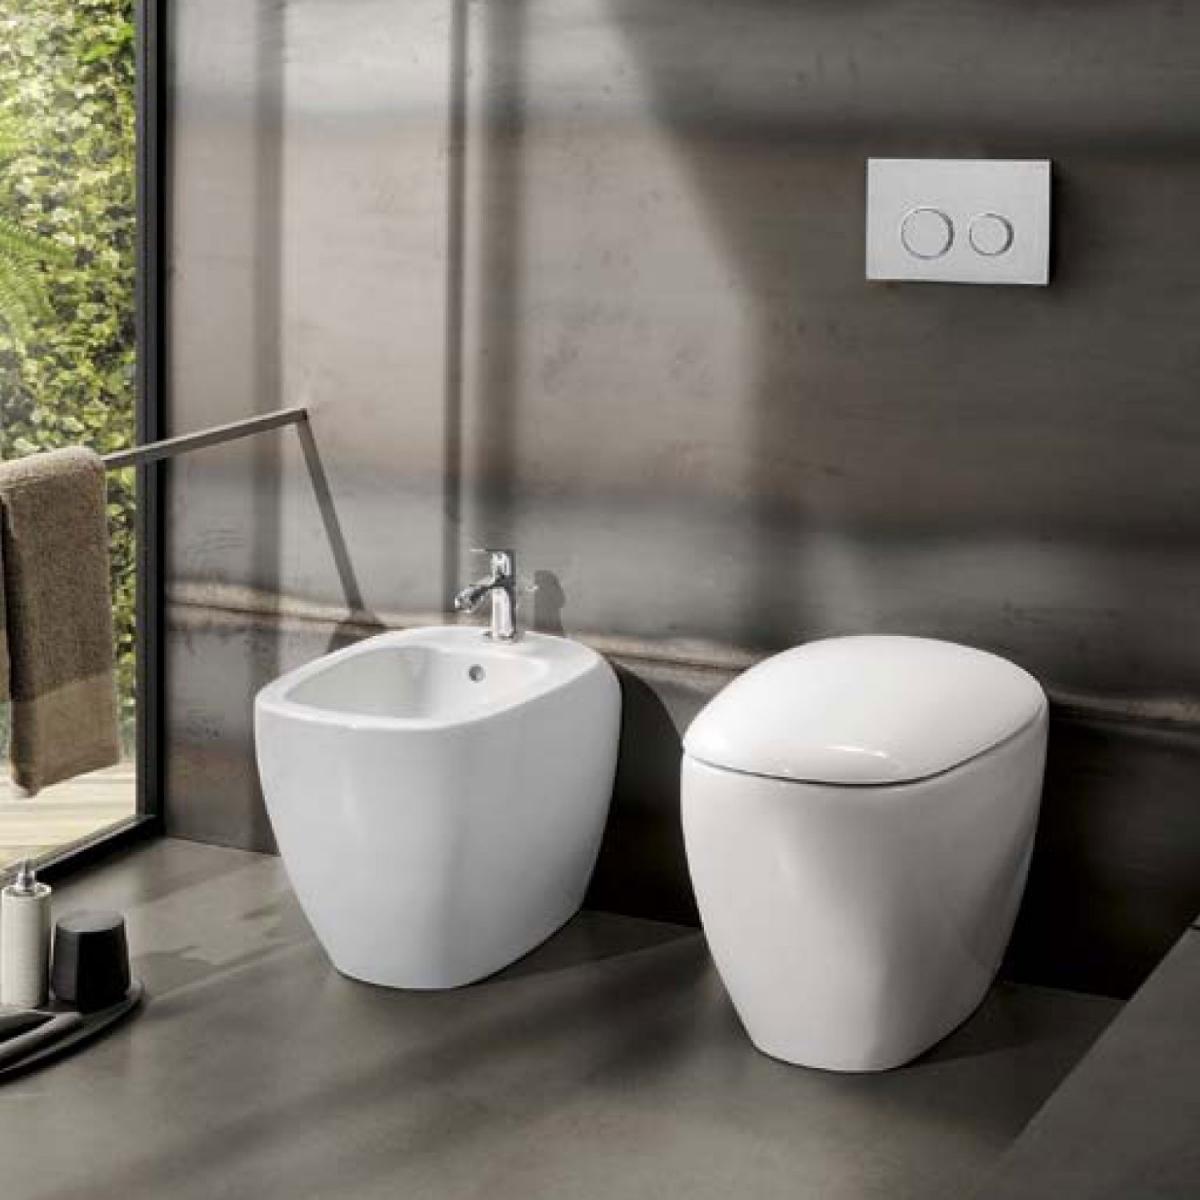 Pozzi ginori azienda leader nella ceramica da bagno - Vasche da bagno pozzi ginori ...